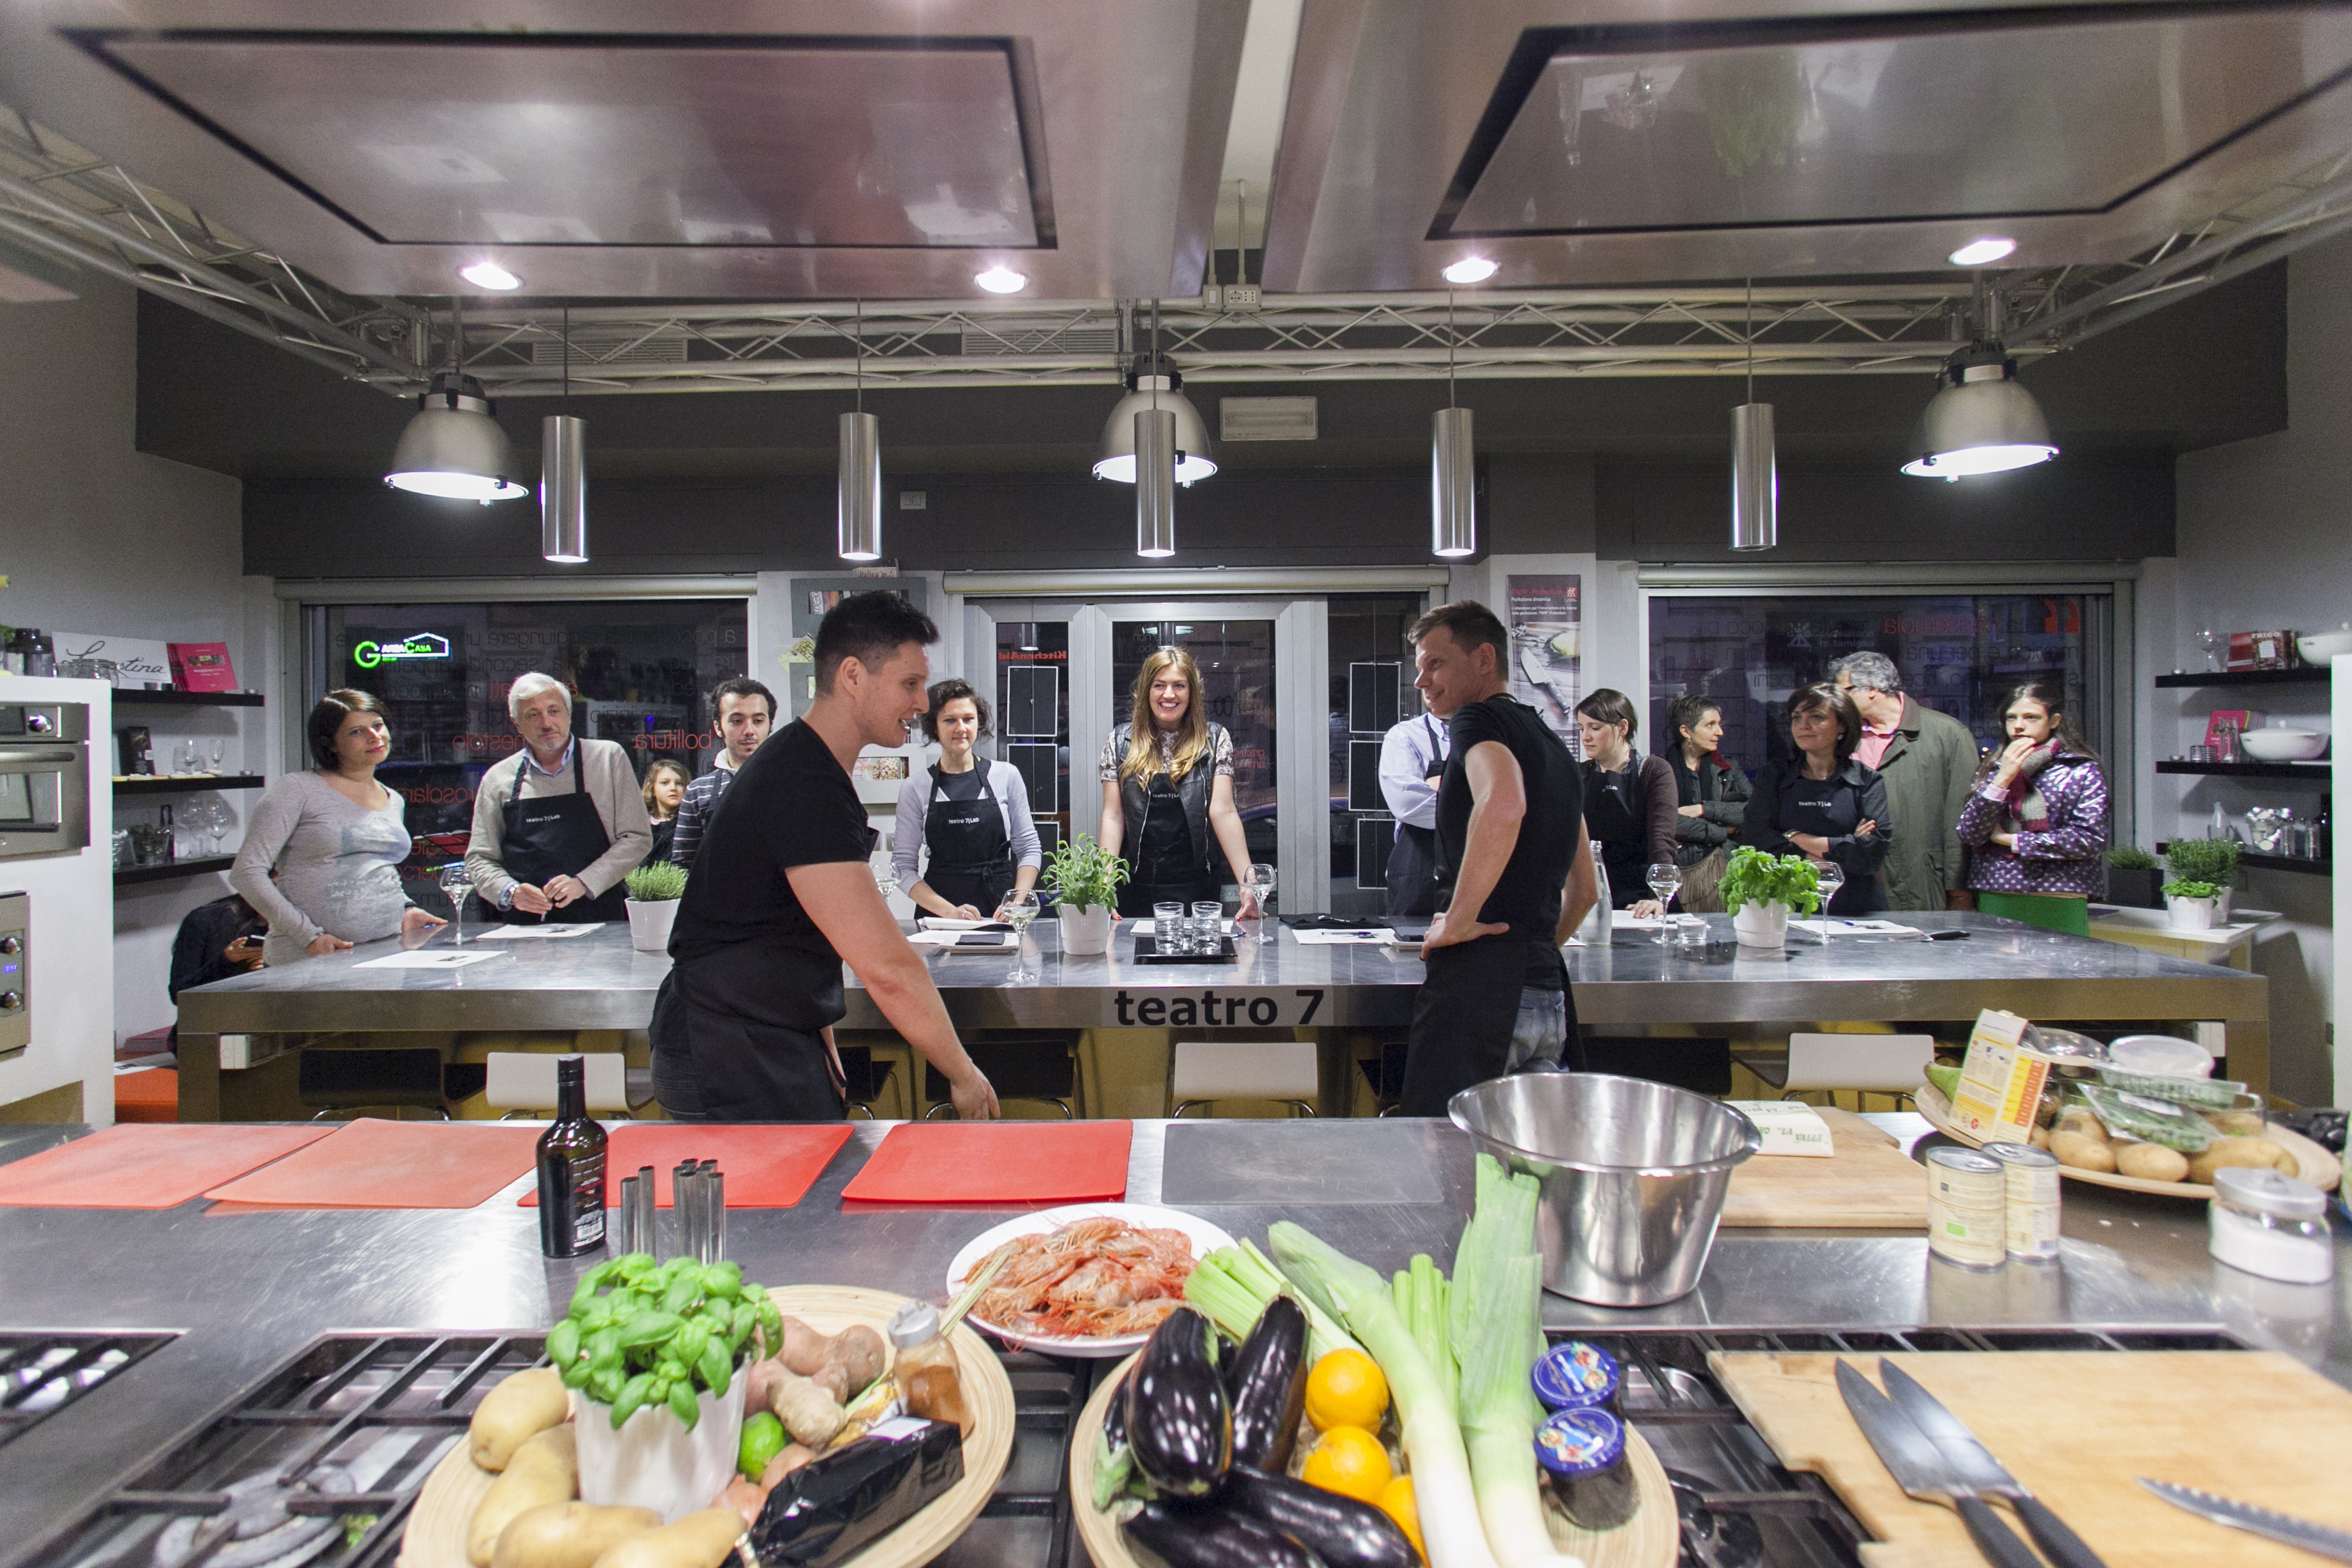 scuola di cucina teatro7lab